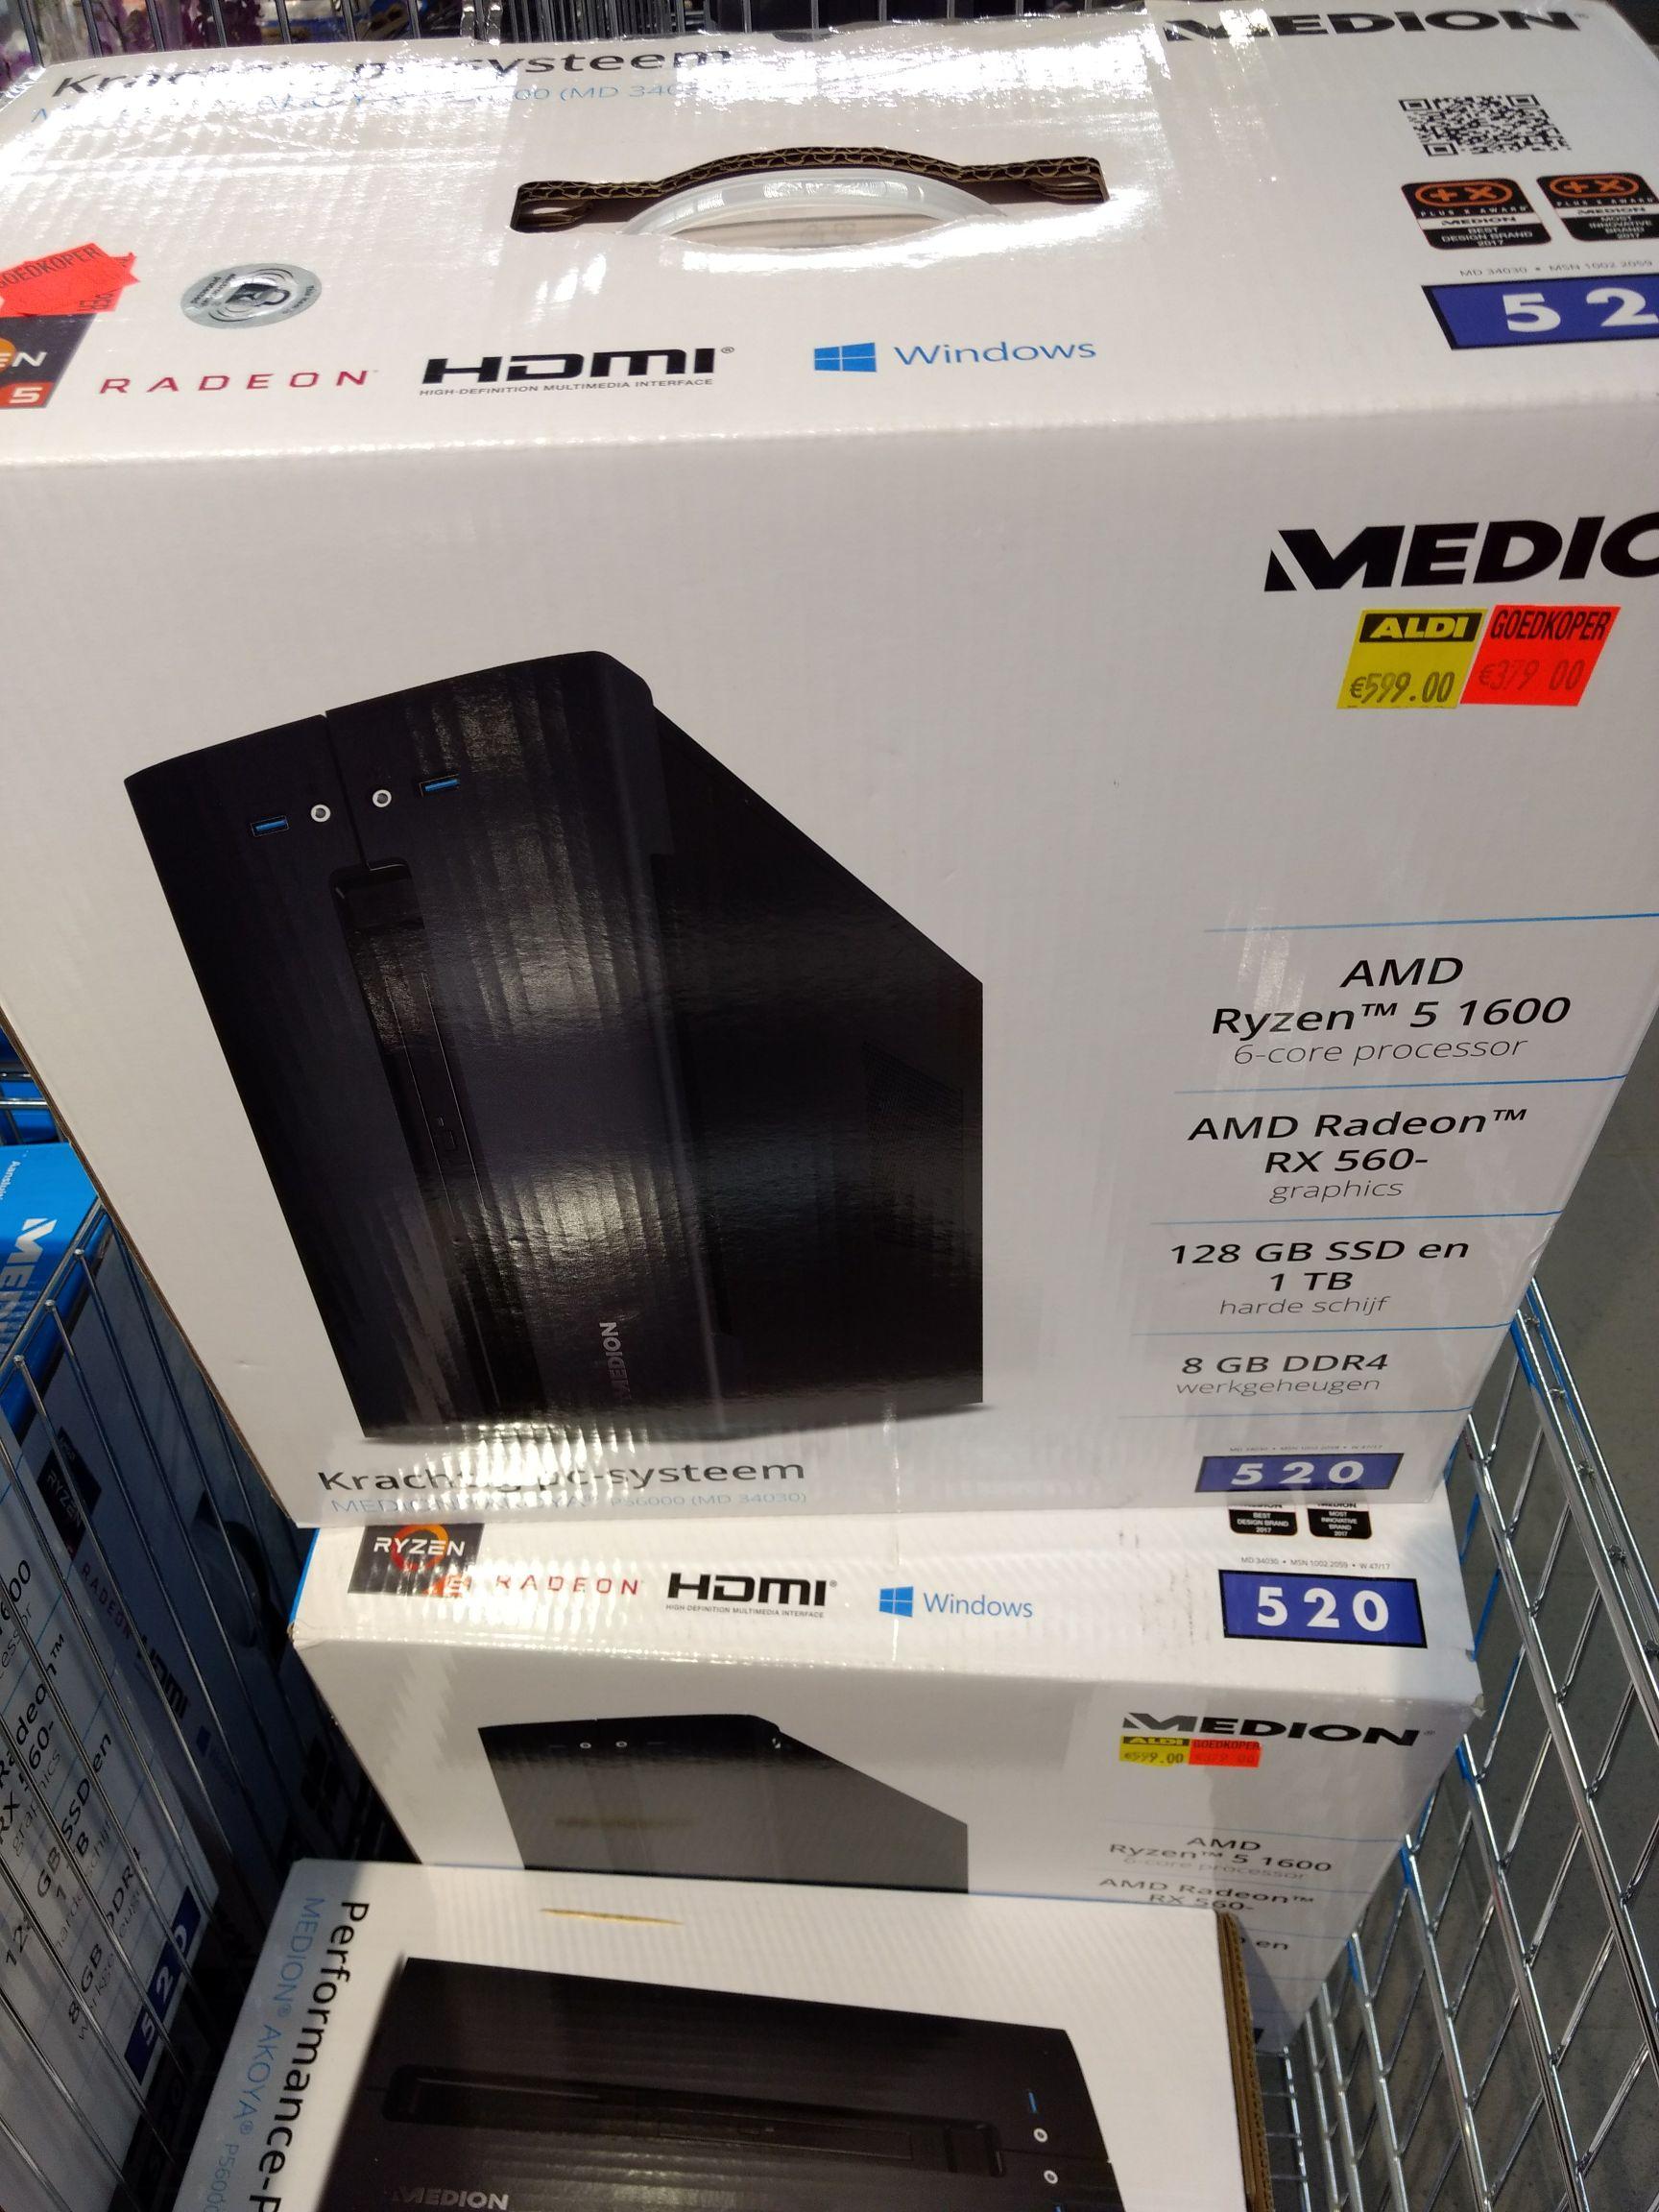 AMD Ryzen 5 1600 desktop instap gamesysteem zeer goede prijs-kwaliteit!